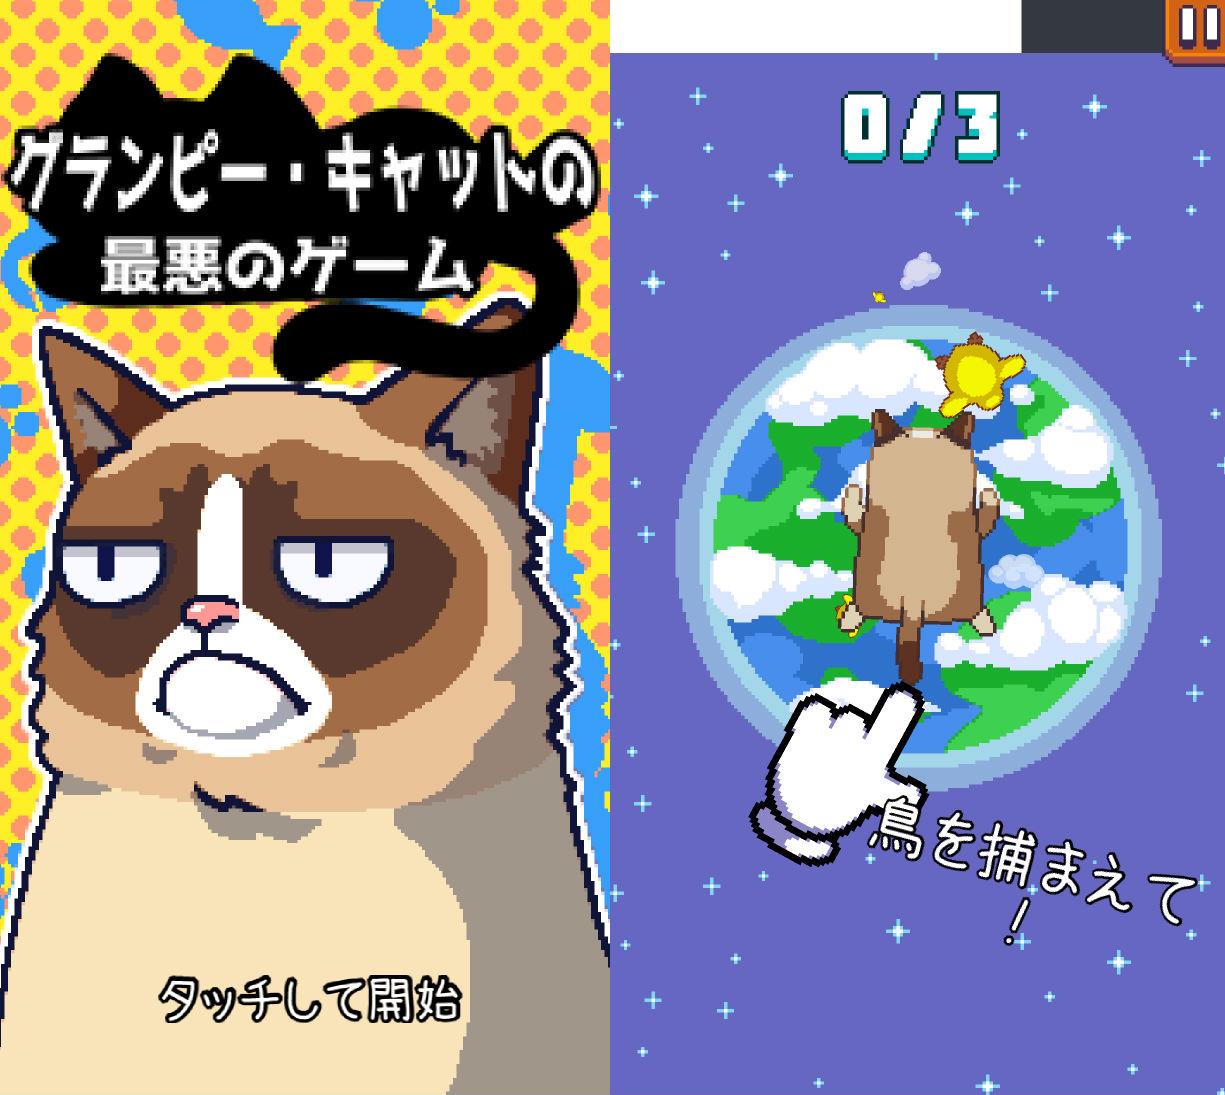 グランピー・キャットの最悪のゲーム androidアプリスクリーンショット1